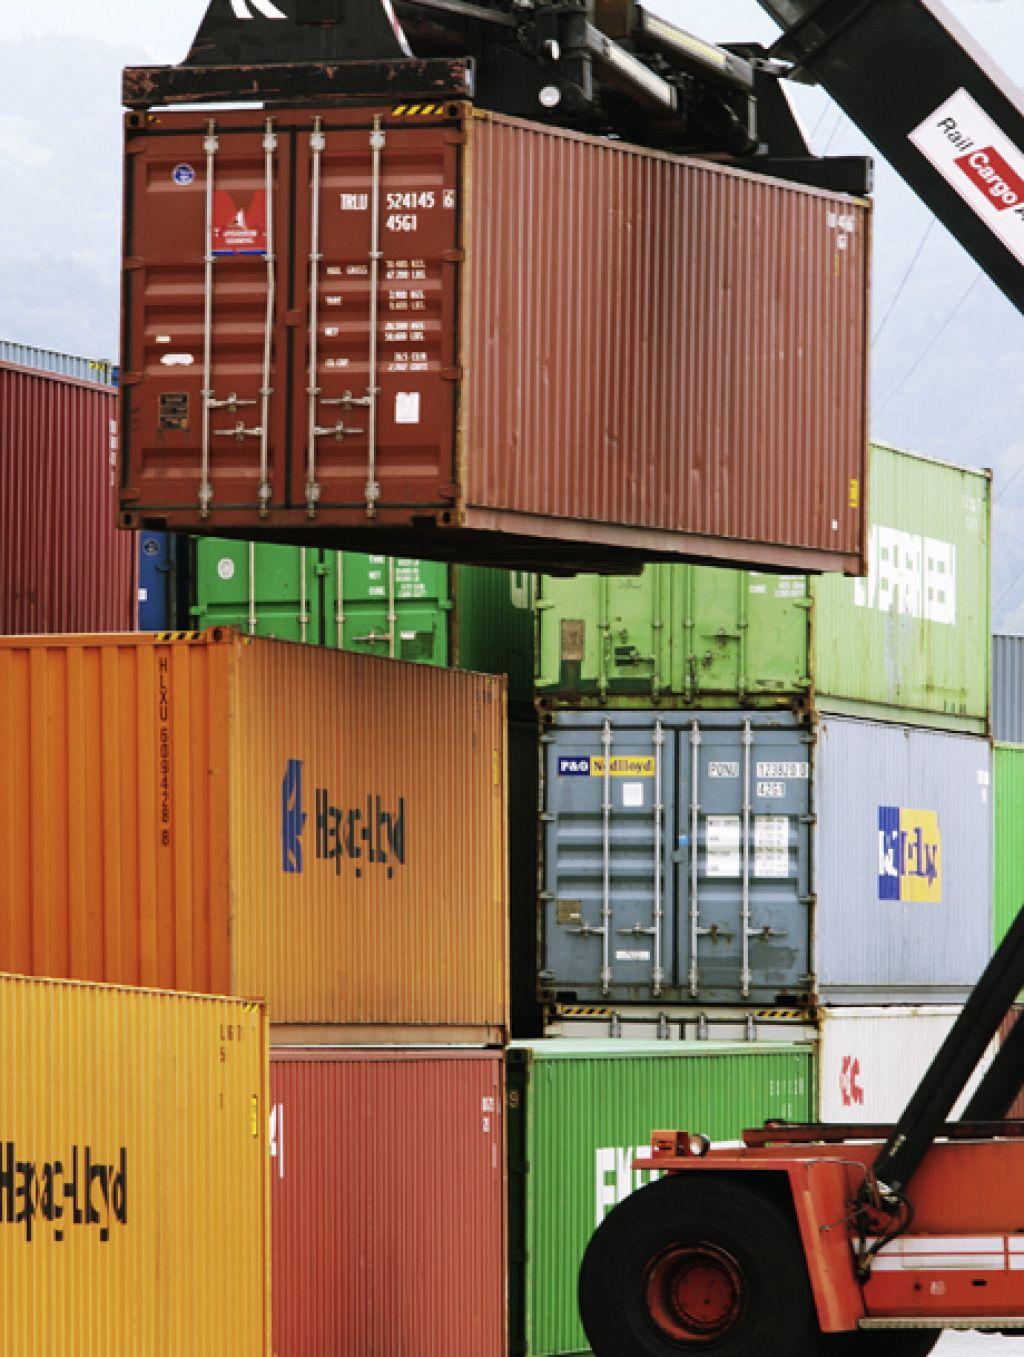 Izvoz: Med državami zunaj EU prva Rusija